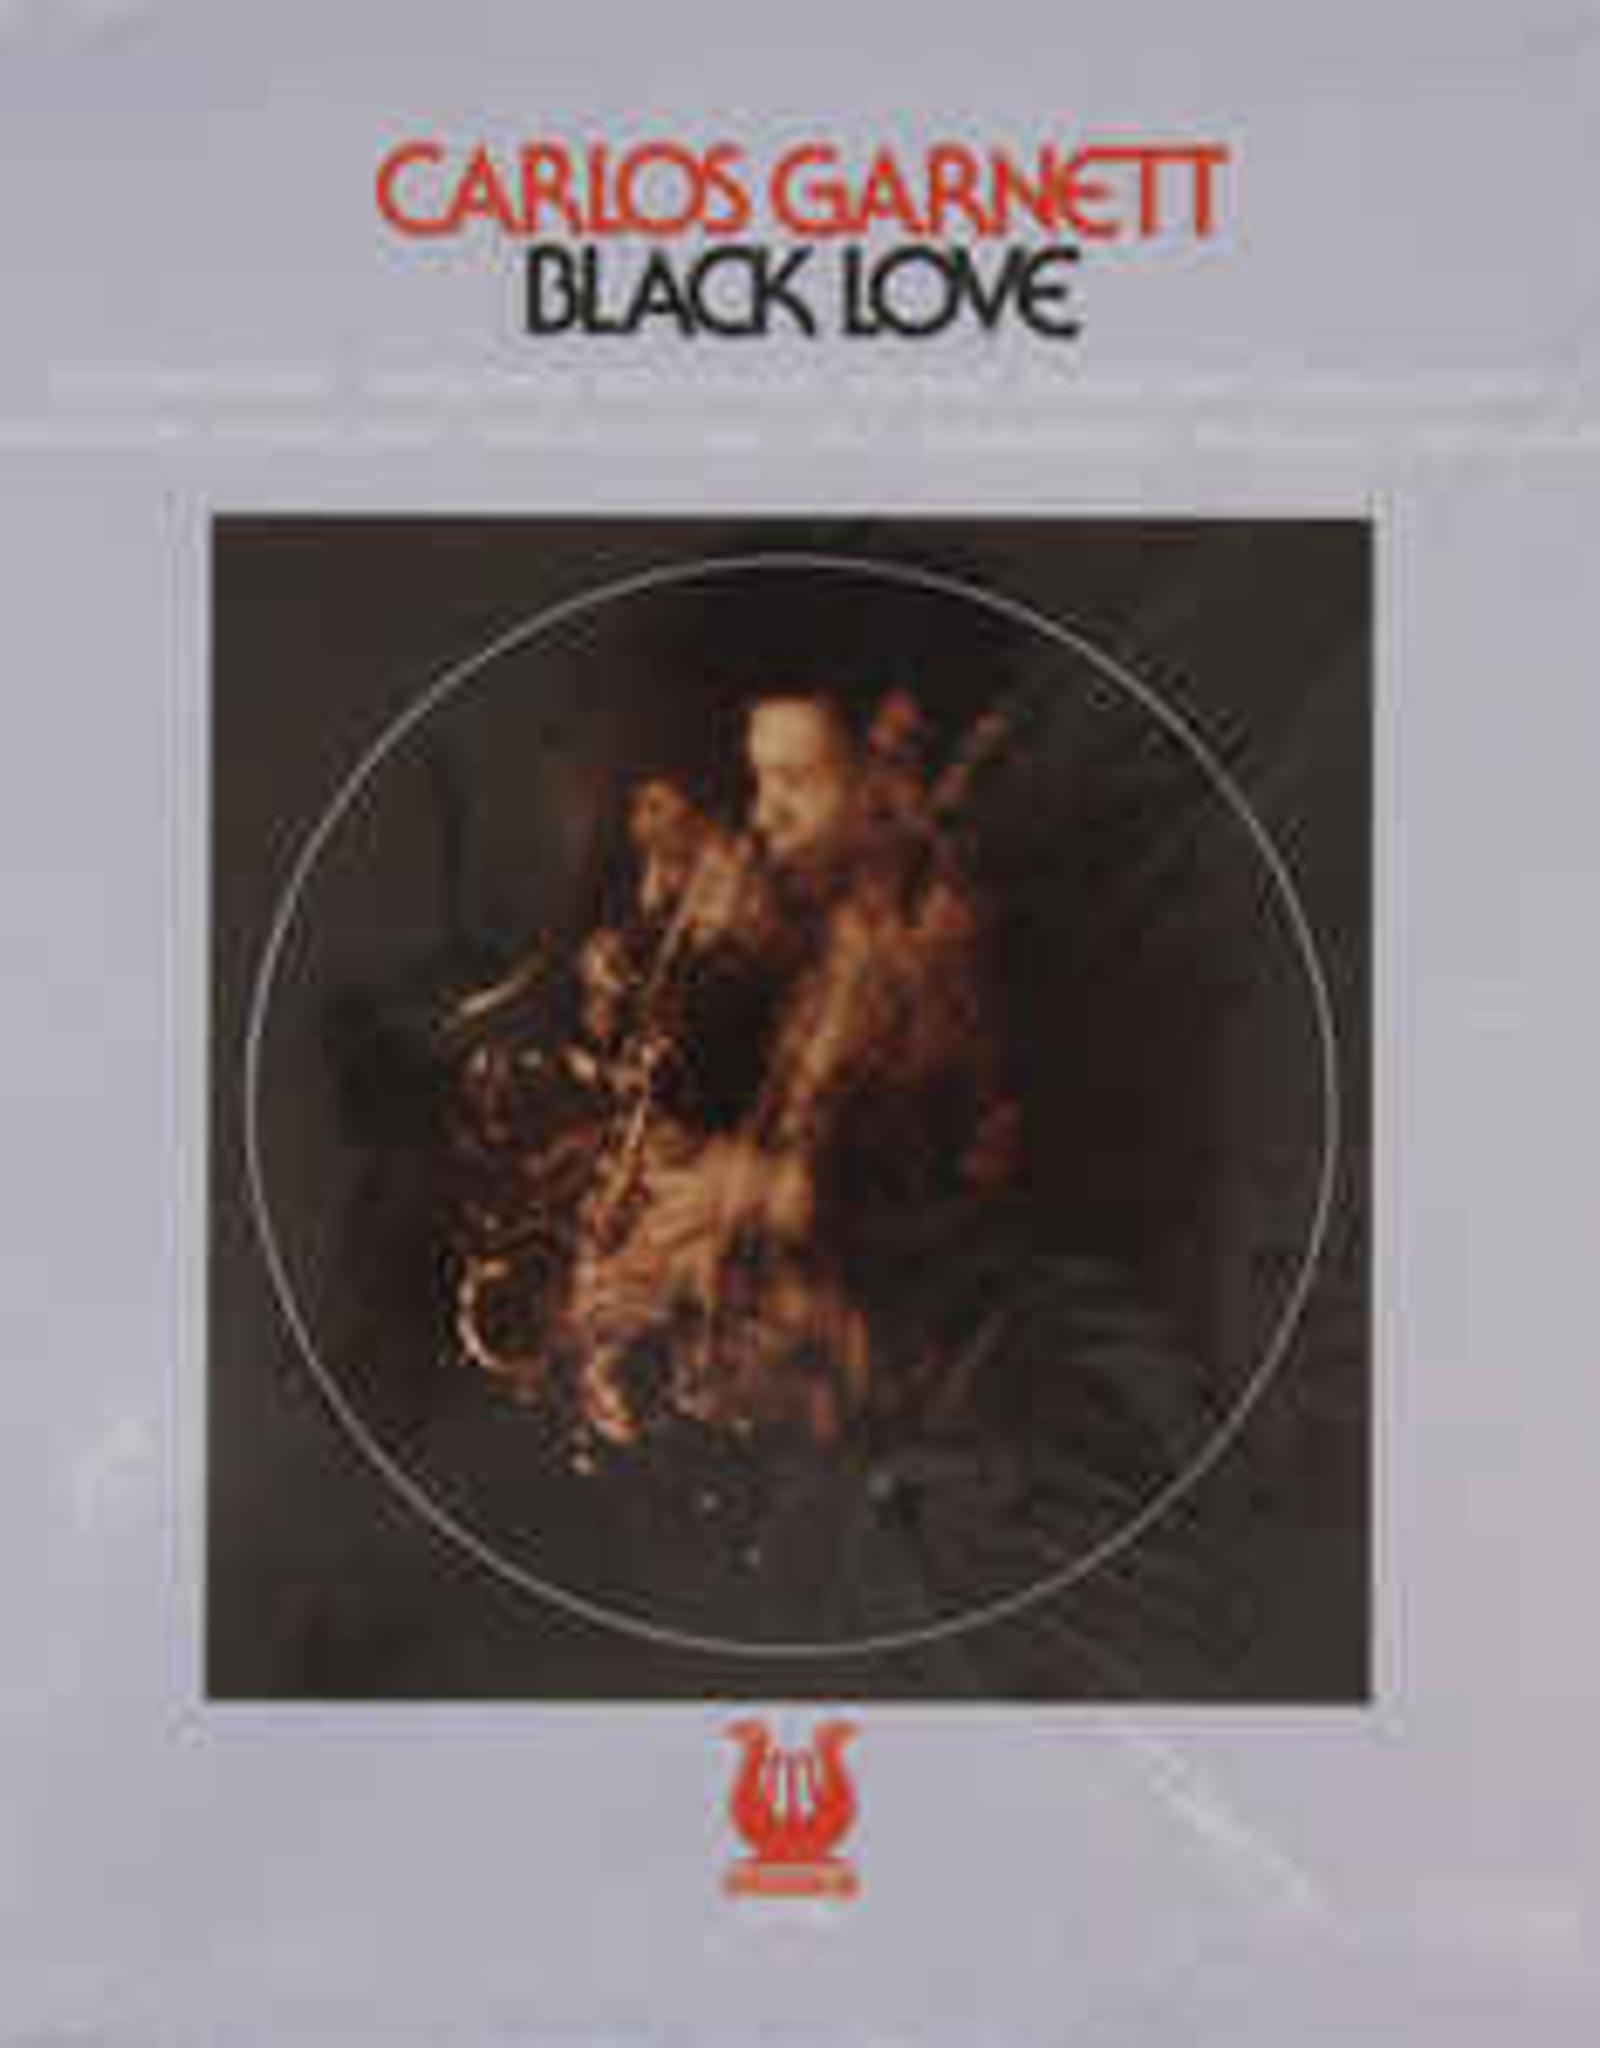 Carlos Garnett - Black Love